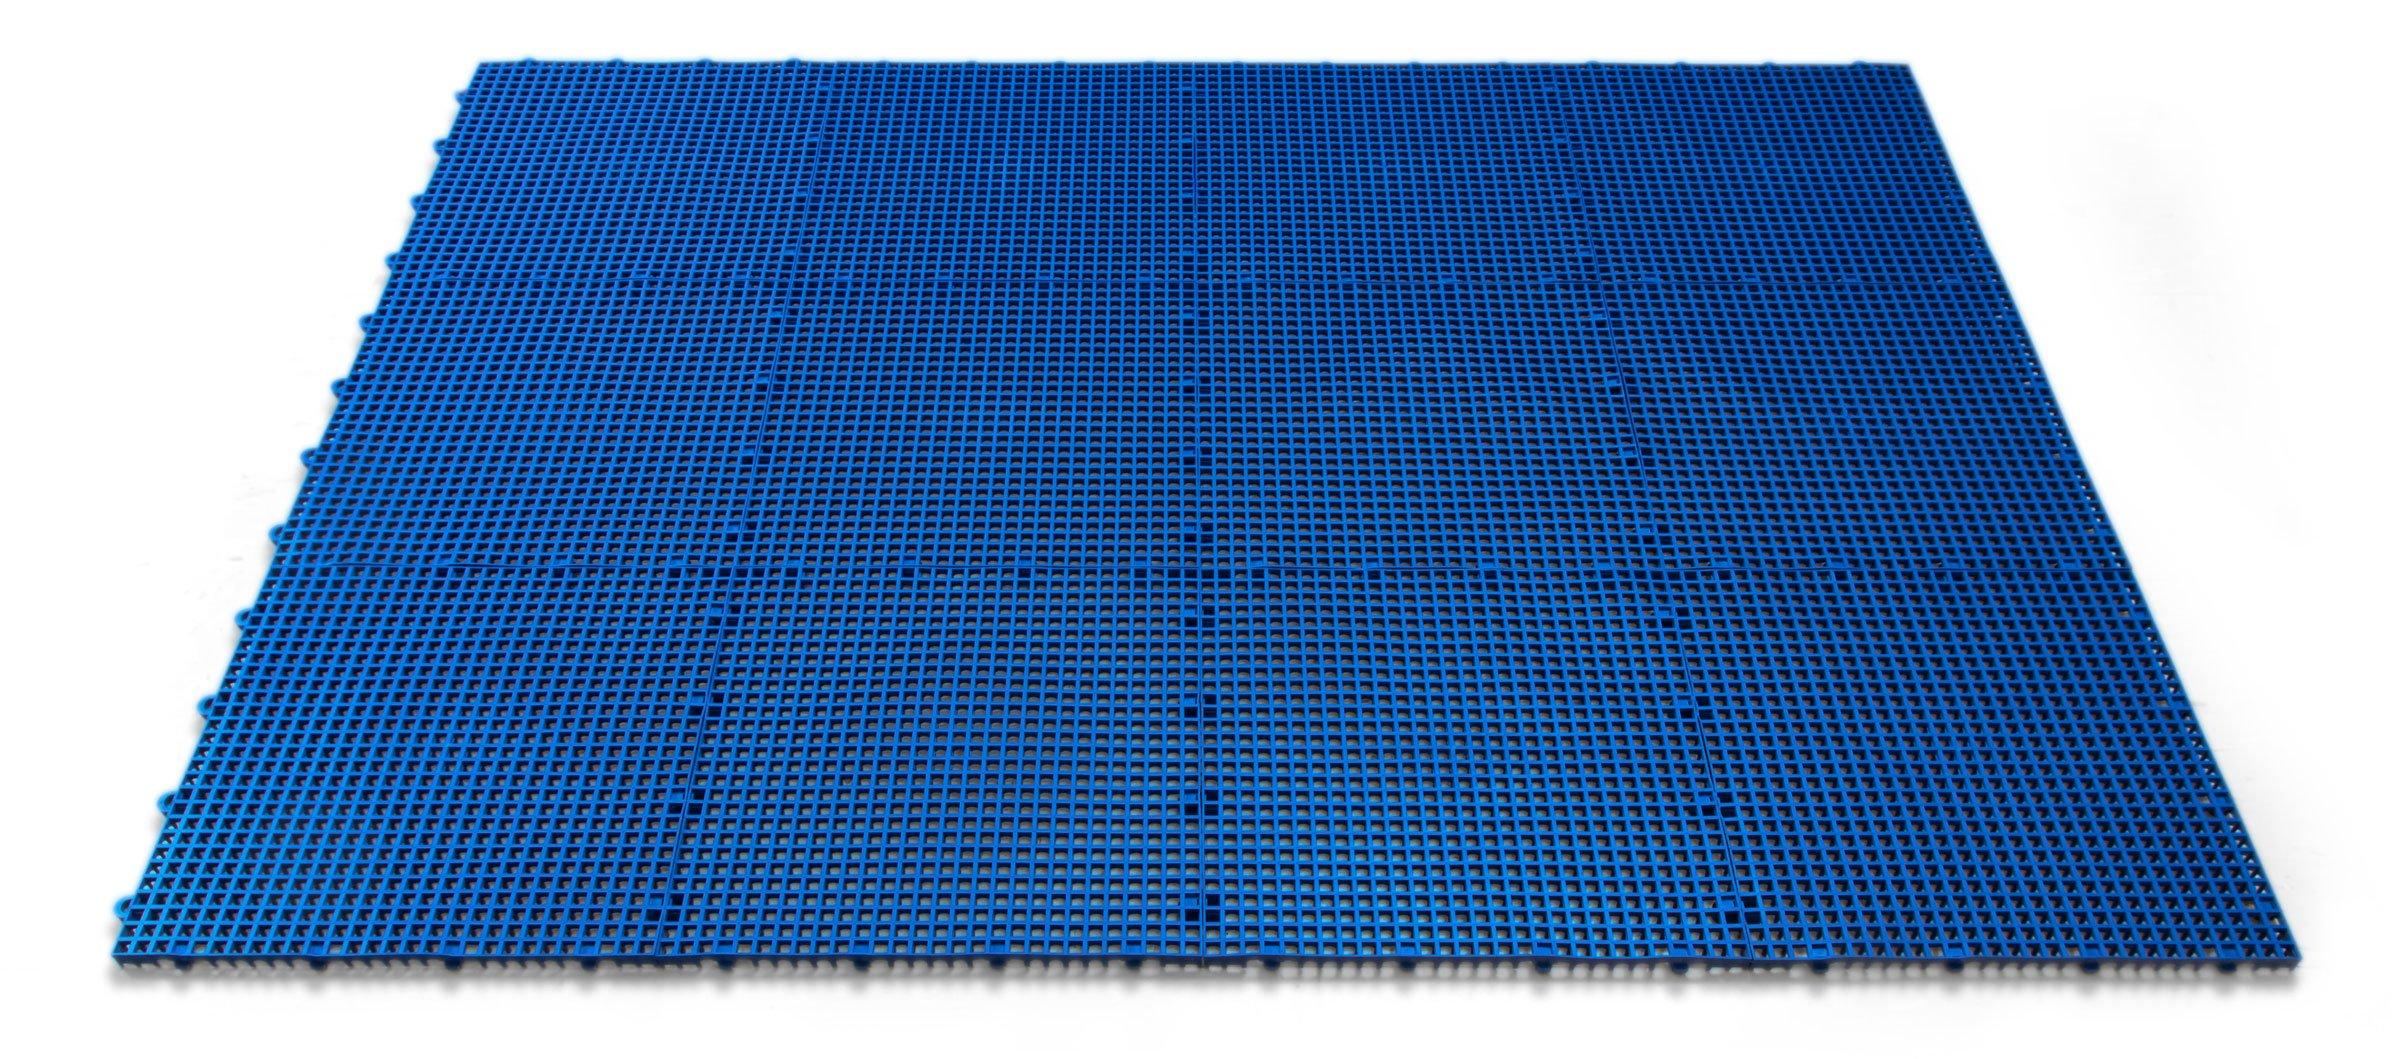 DuraGrid STBRIK Comfort Interlocking Modular Multi-Use Safety Floor Matting, Single Tile, Brick Red by DuraGrid® (Image #2)